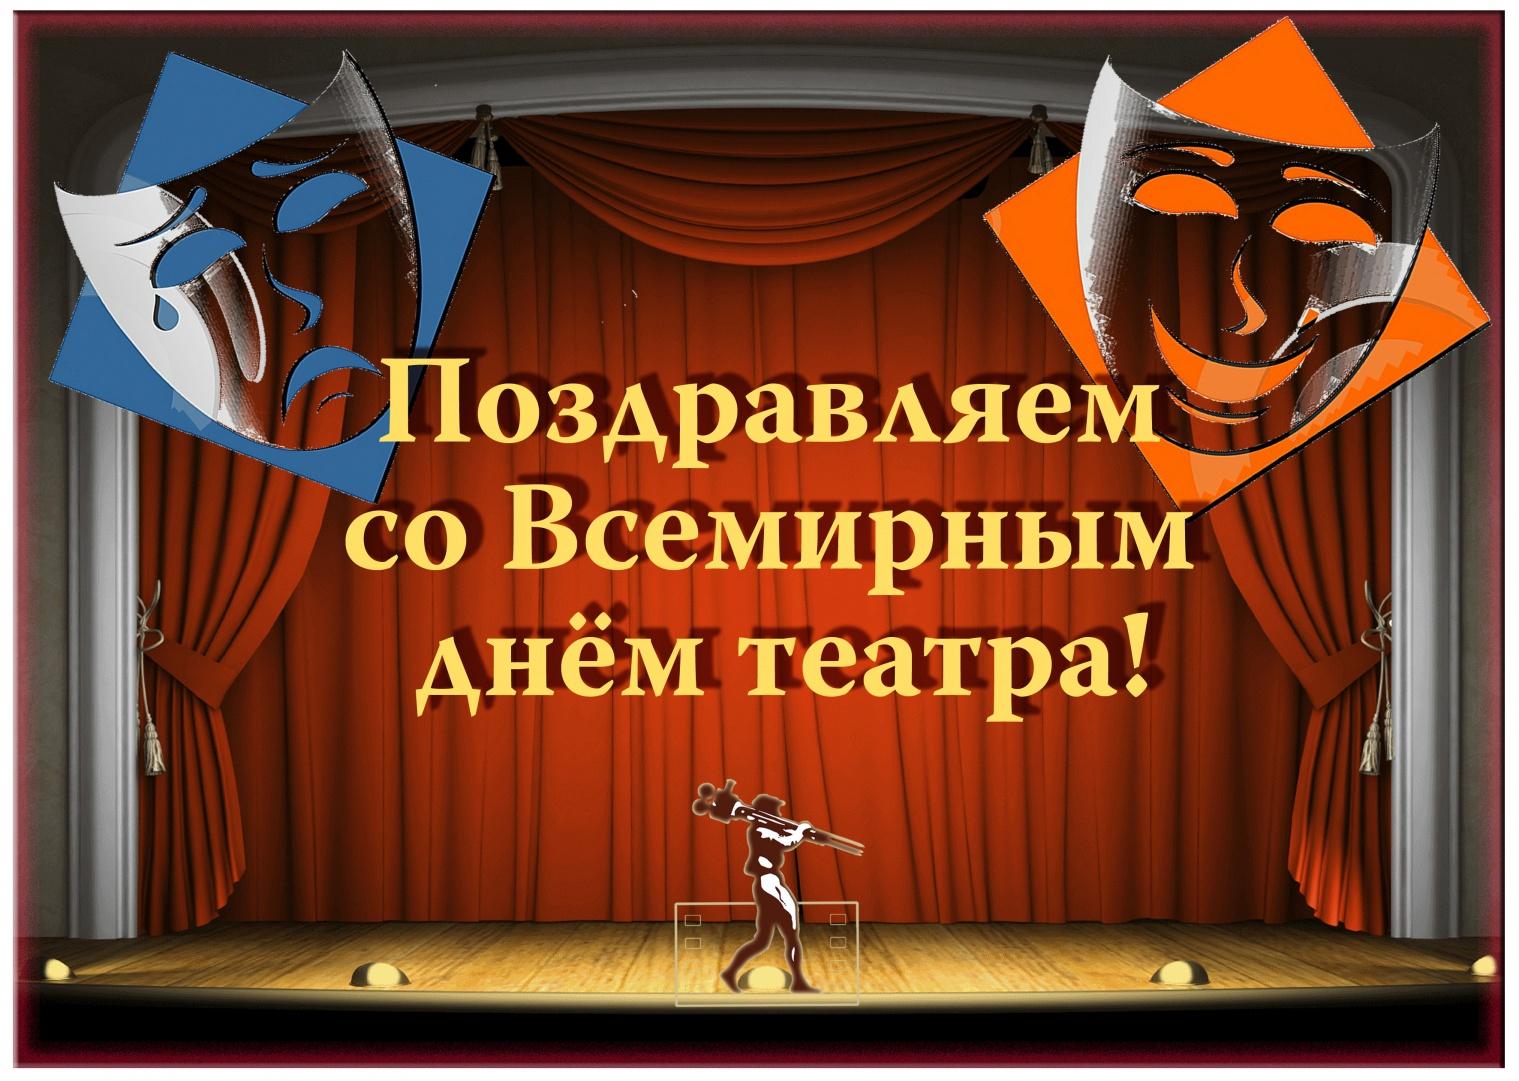 Сказочная, день театра фото картинки